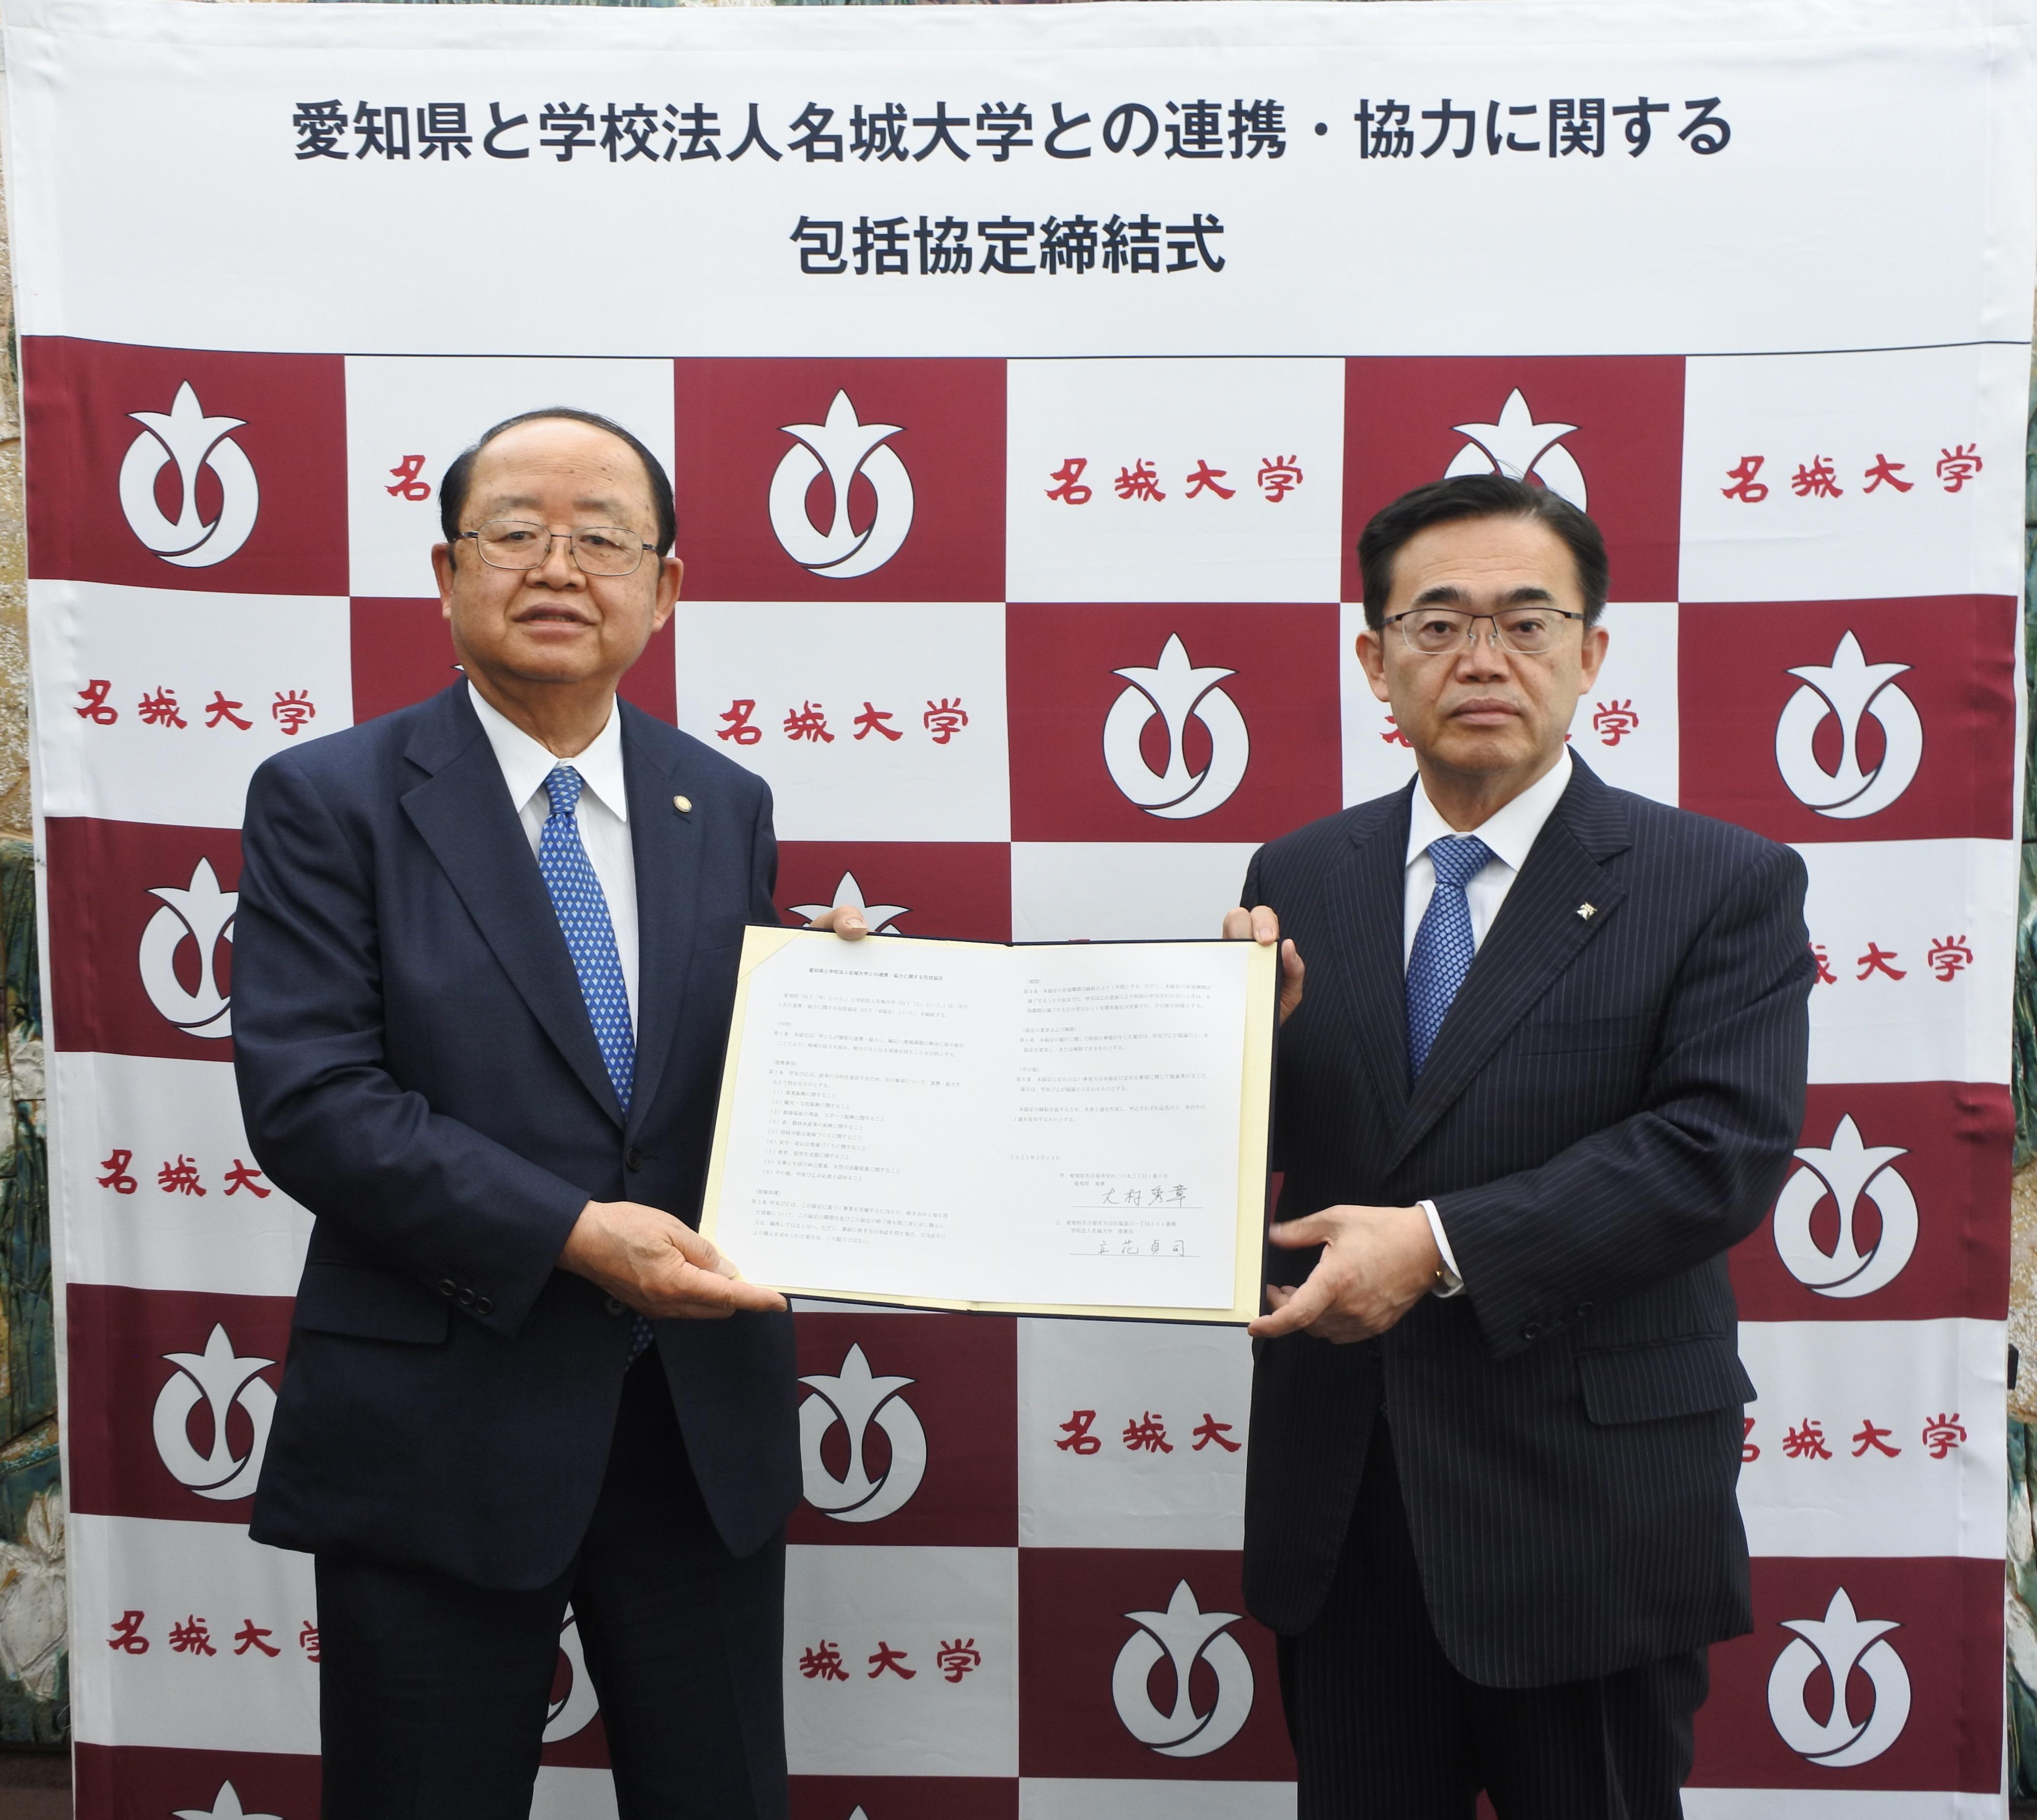 協定書を交わした立花貞司理事長(左)と大村秀章愛知県知事